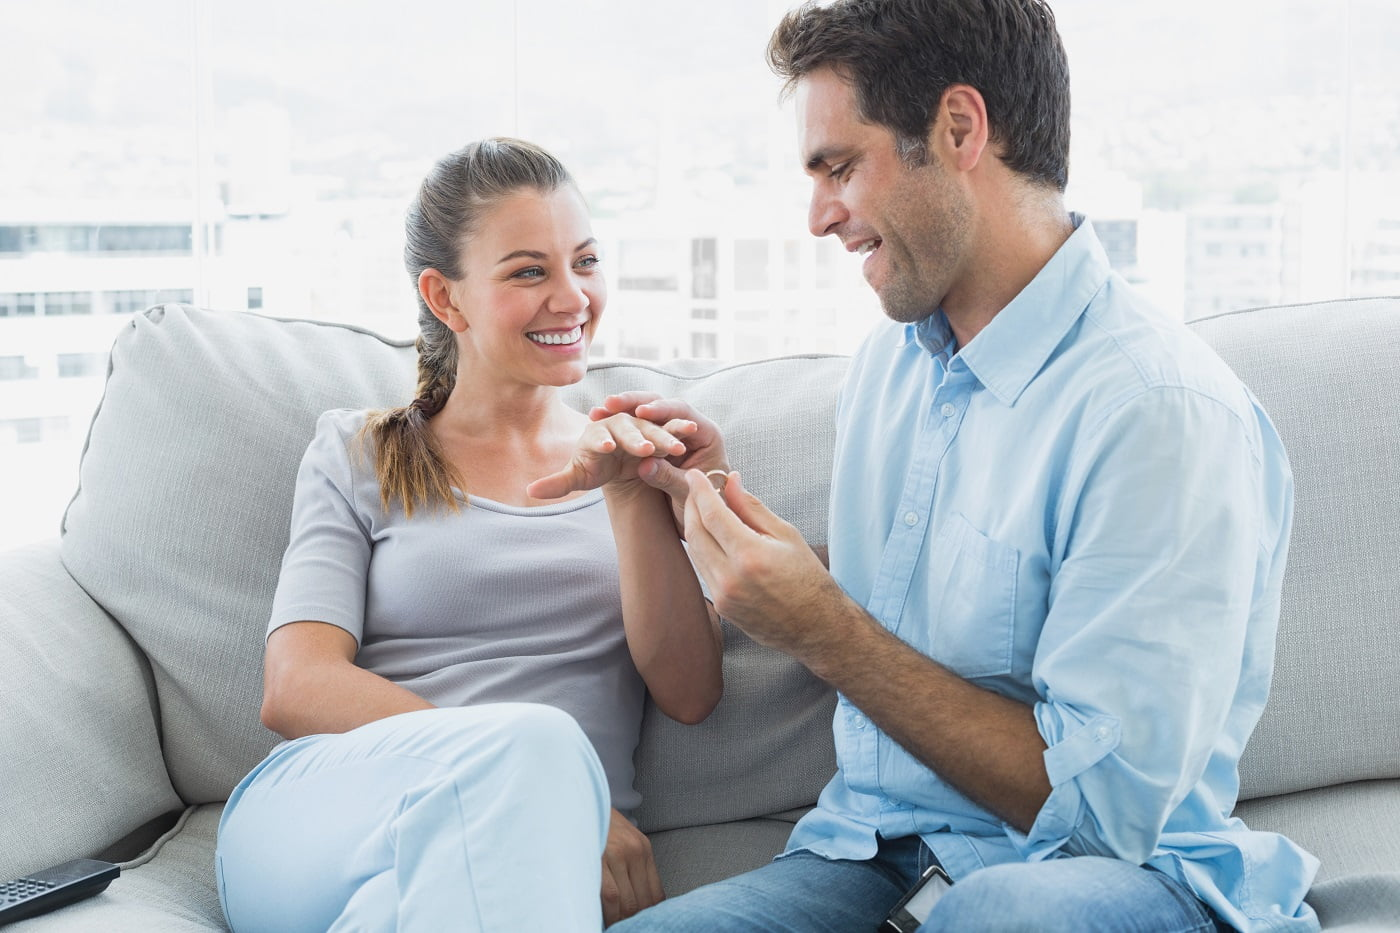 na którym palcu nosi się pierścioenk zaręczynowy?